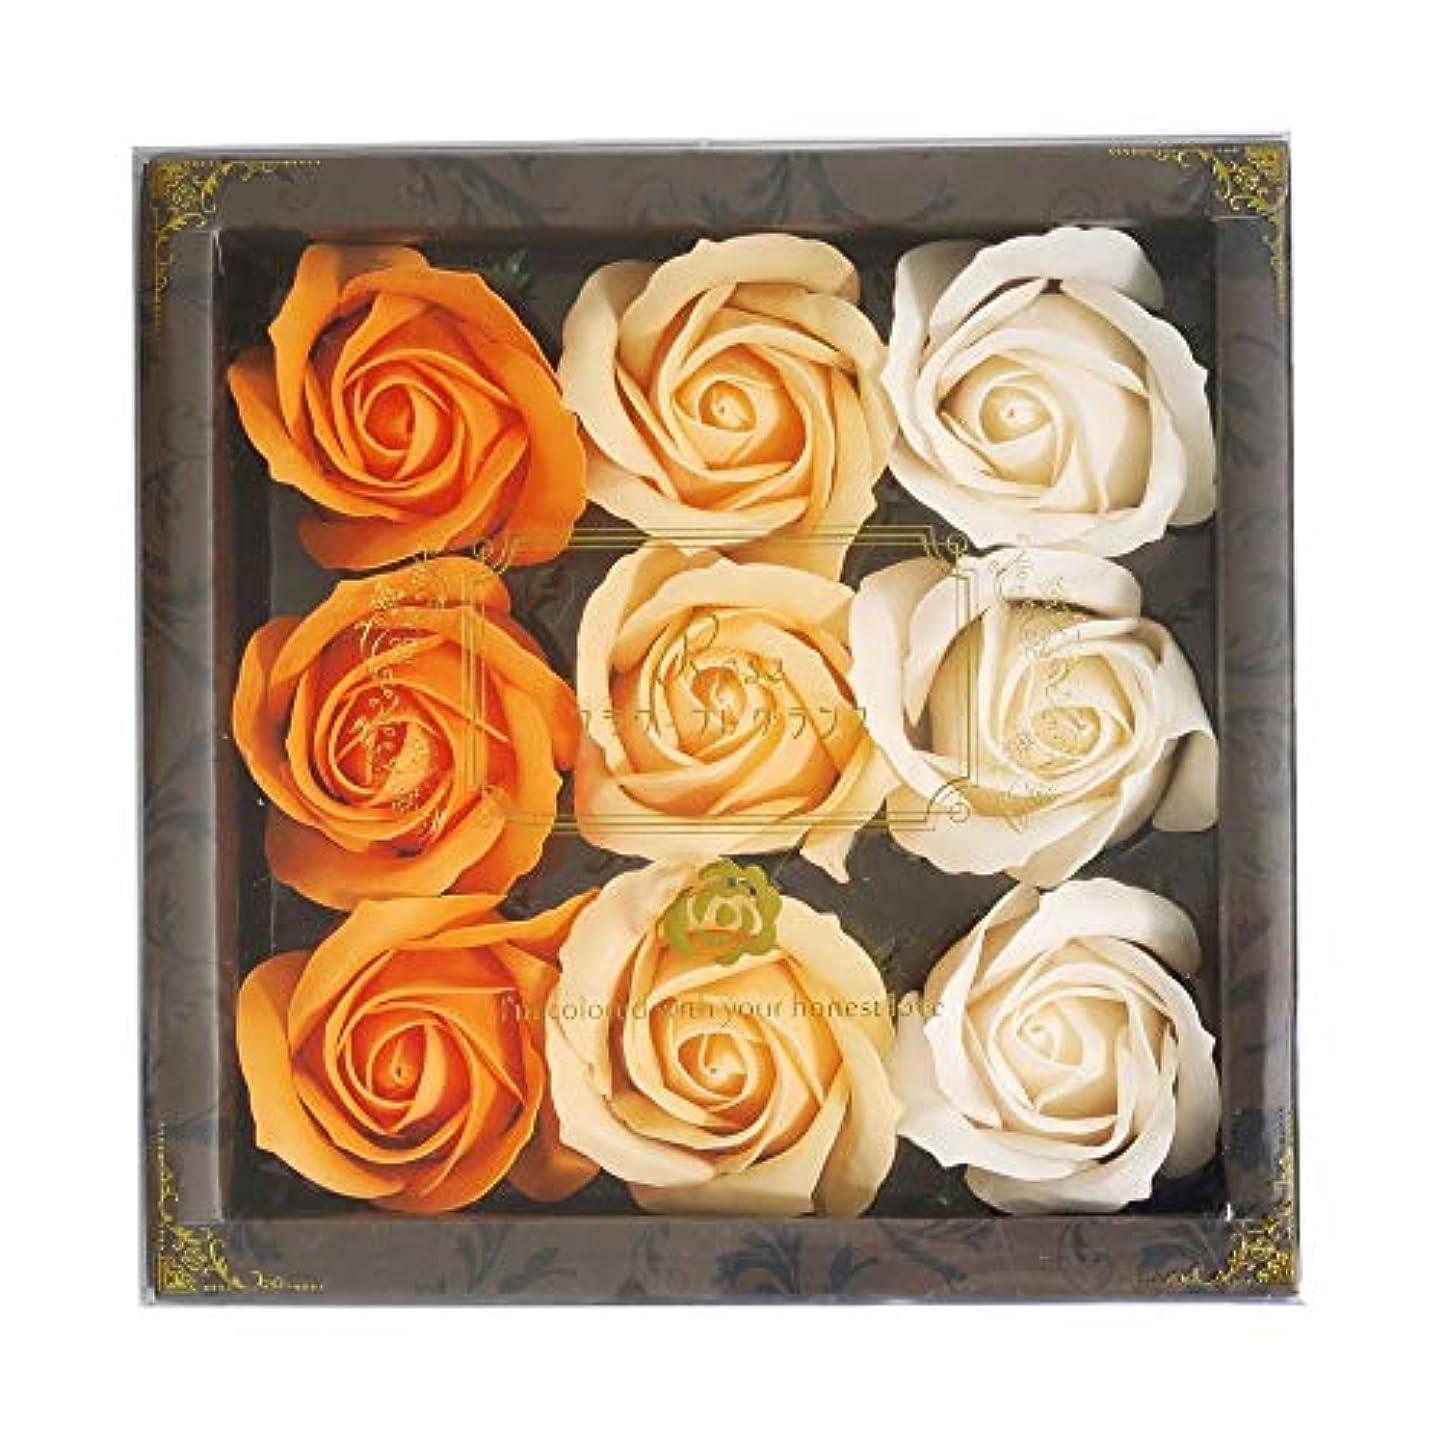 徒歩で同級生著作権花のカタチの入浴料 ローズ バスフレグランス フラワーフレグランス バスフラワー (オレンジ)